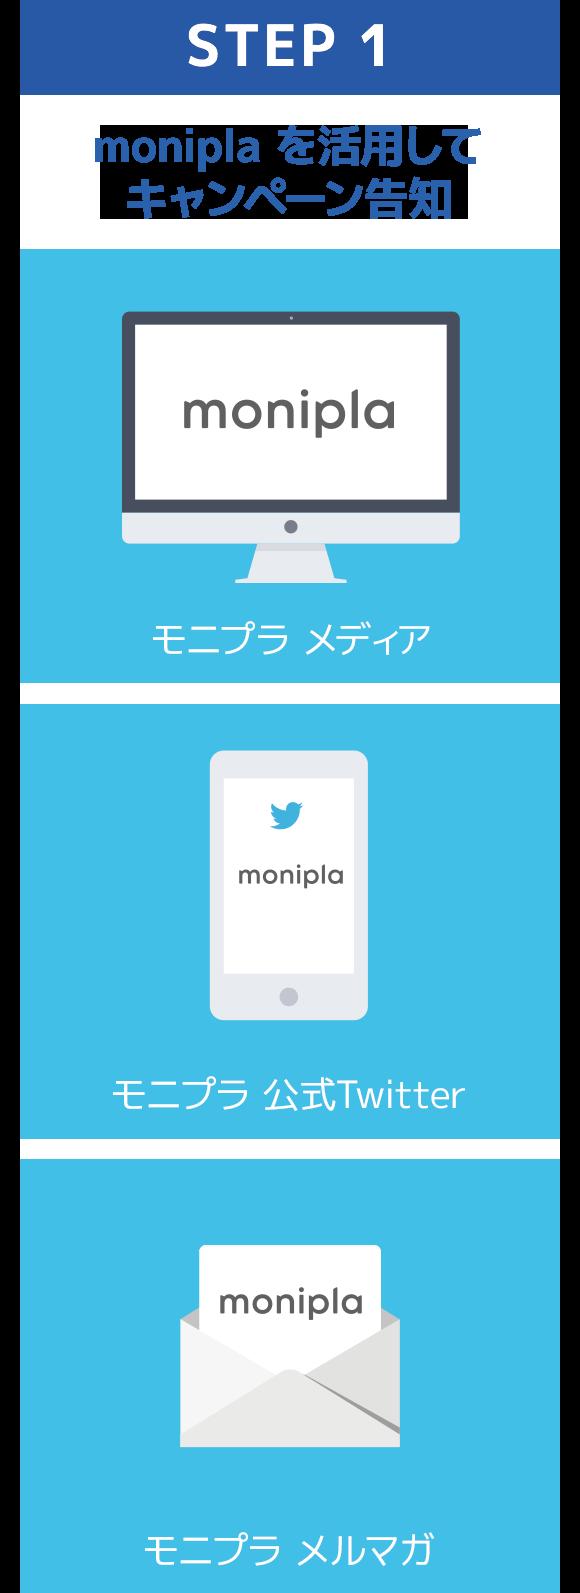 step1 monipla を活用してキャンペーン告知